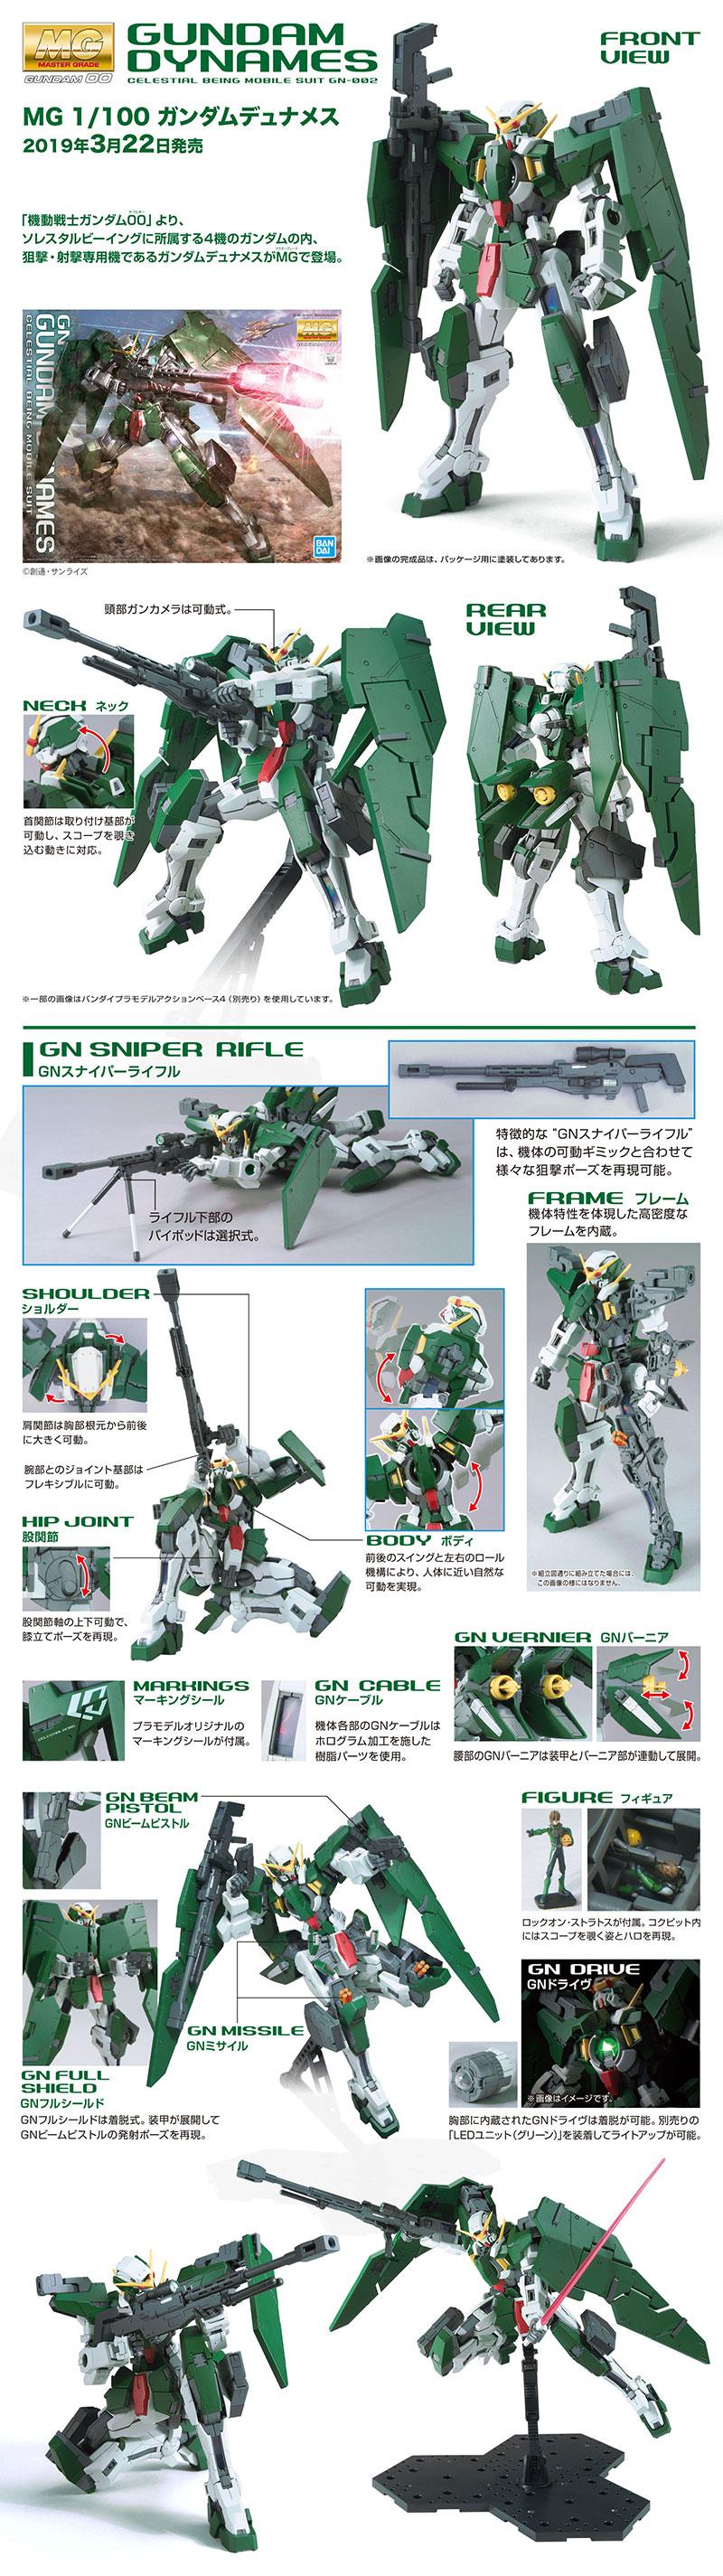 MG Gundam Dynames Details